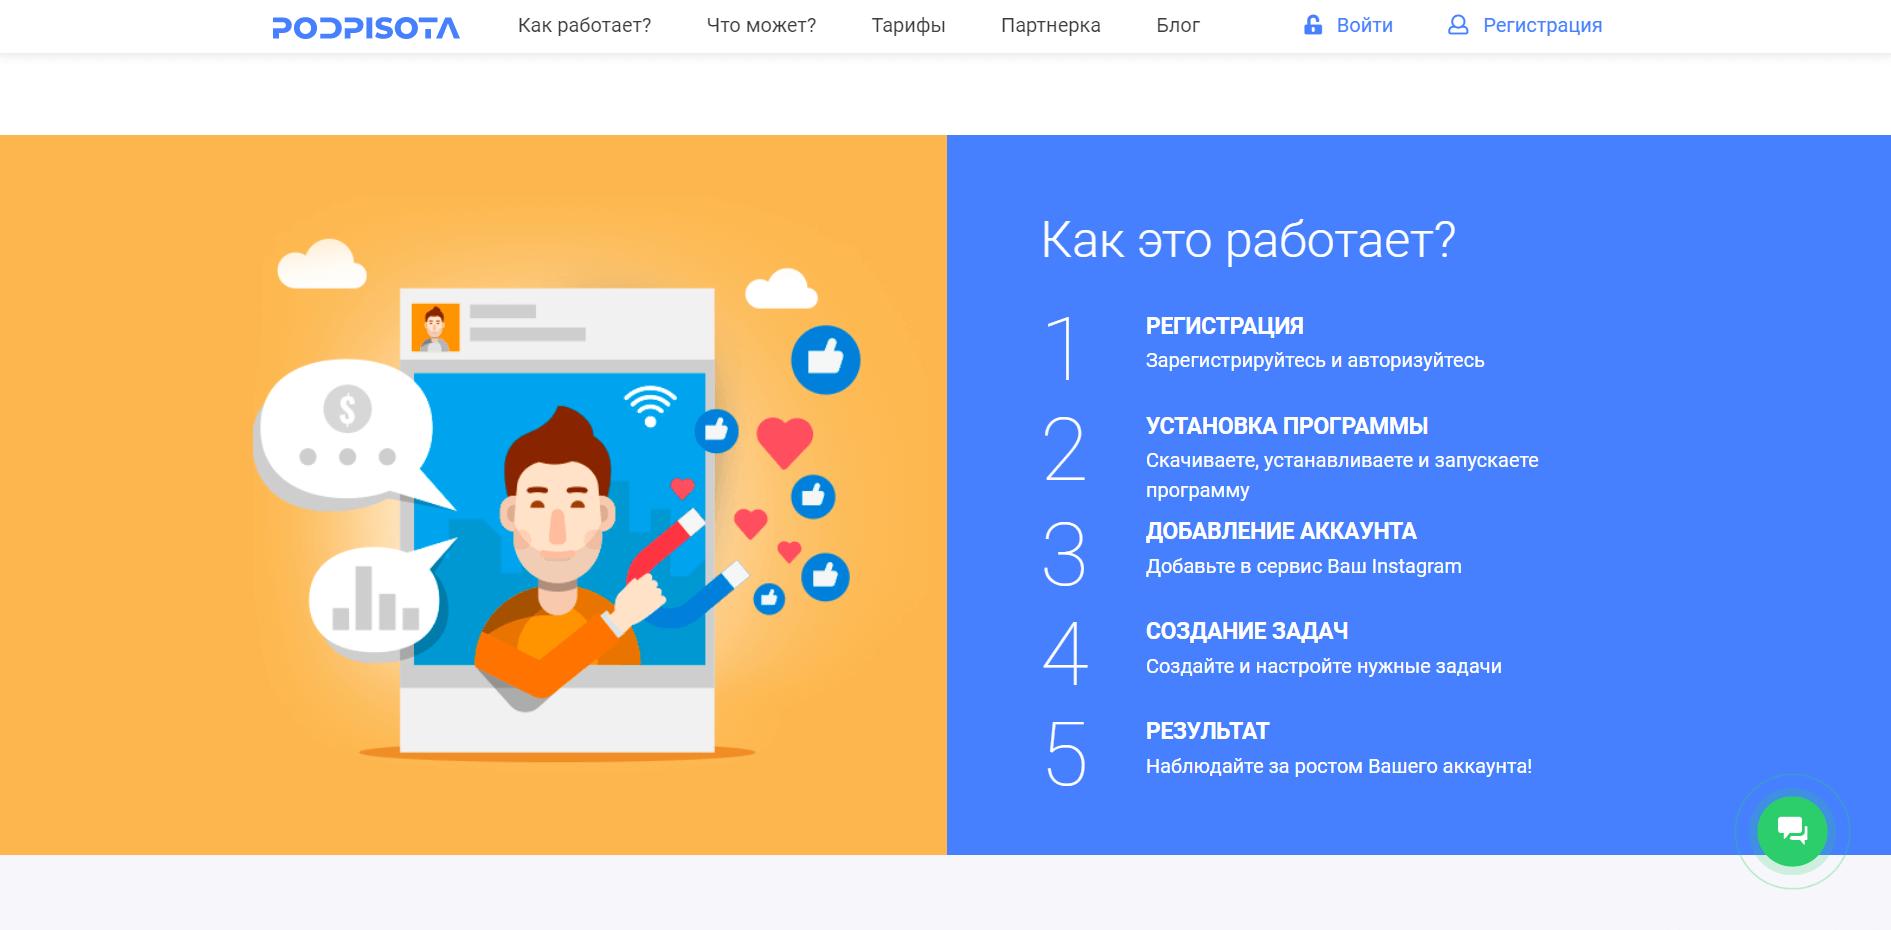 сервисы по накрутке подписчиков в инстаграм